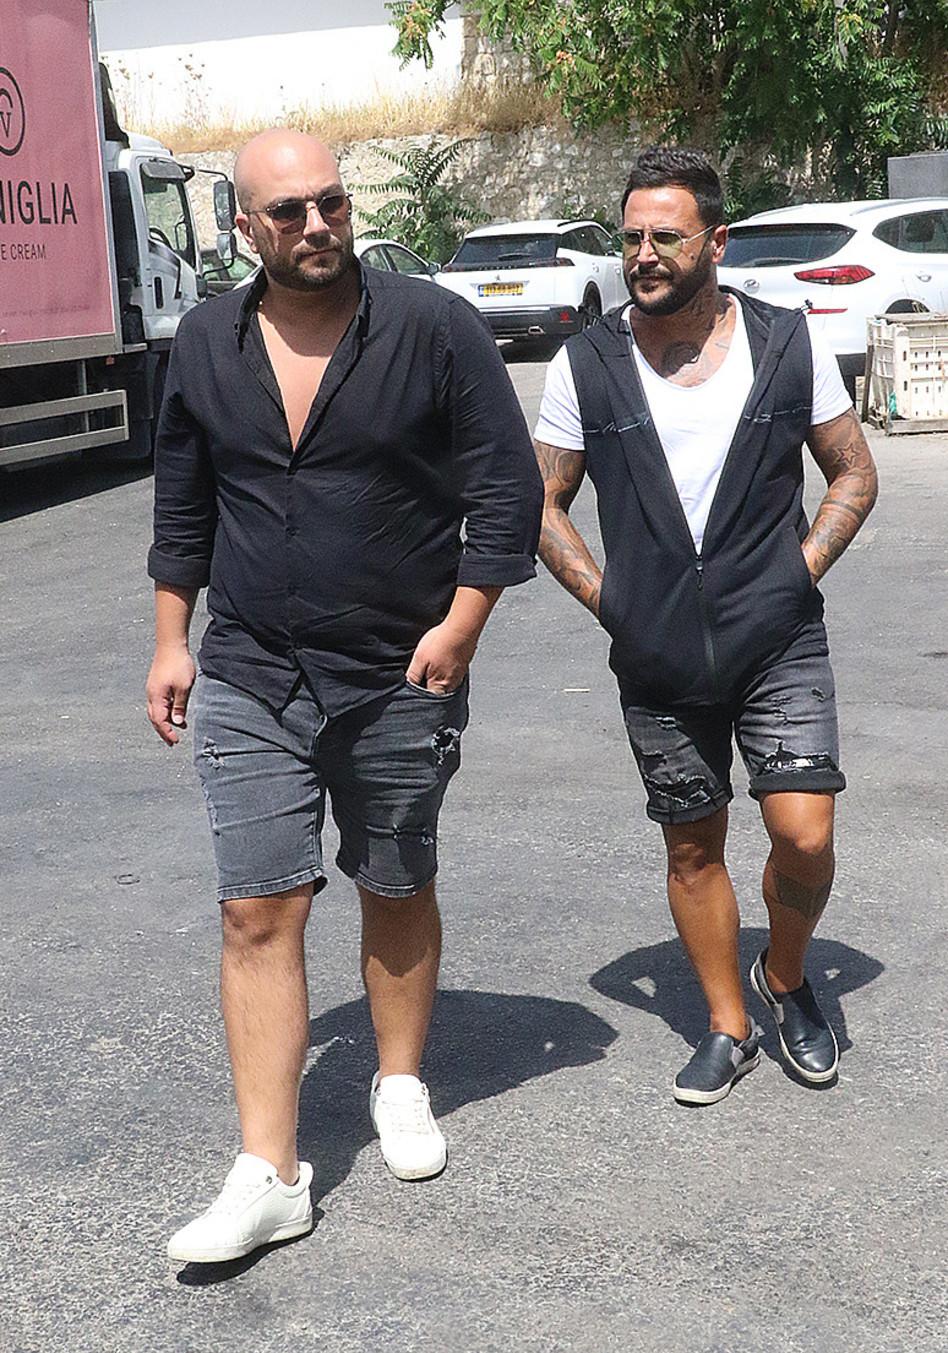 אוהד בוזגלו וחבר (צילום: פול סגל)